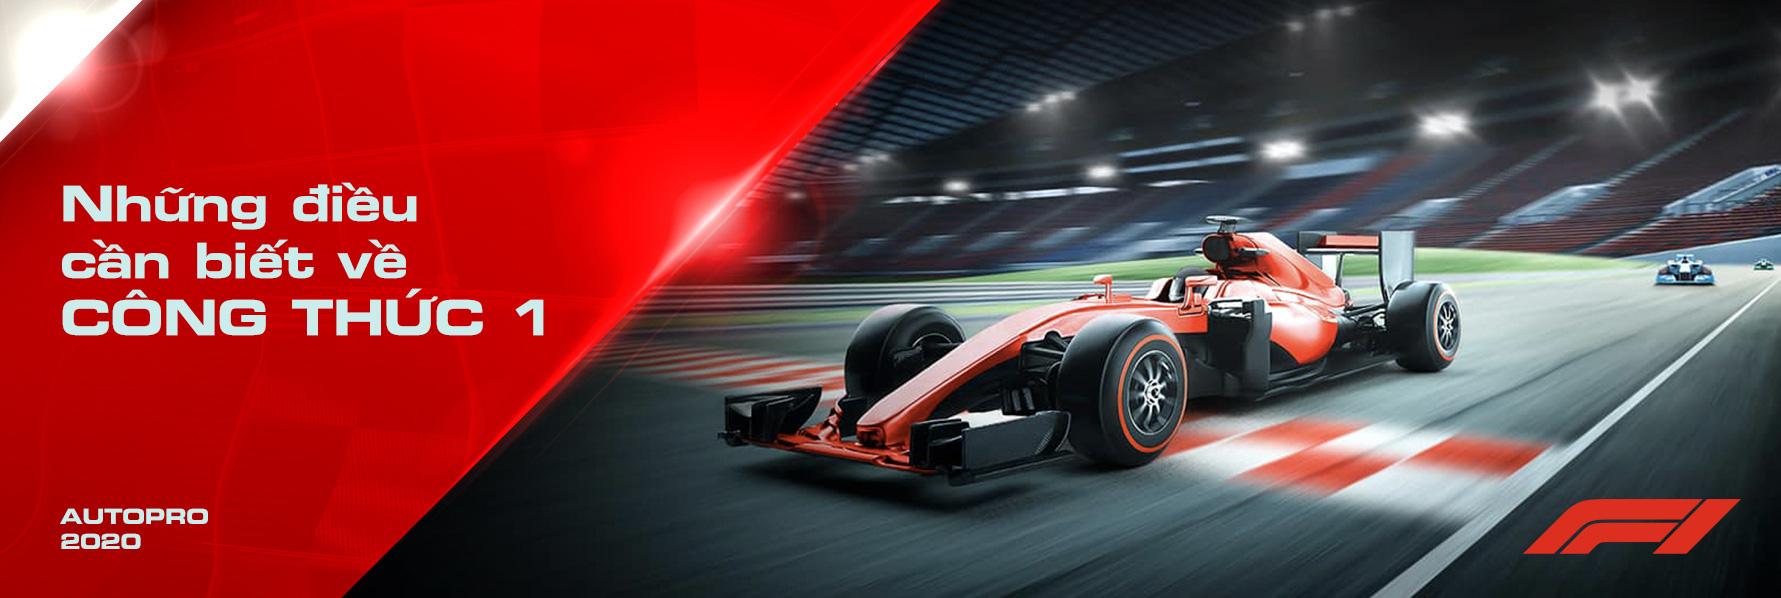 Mùa giải F1 chốt lịch 8 vòng đua đầu tiên: Áo, Anh được ưu ái 2 chặng, chưa có tên Việt Nam - Ảnh 2.